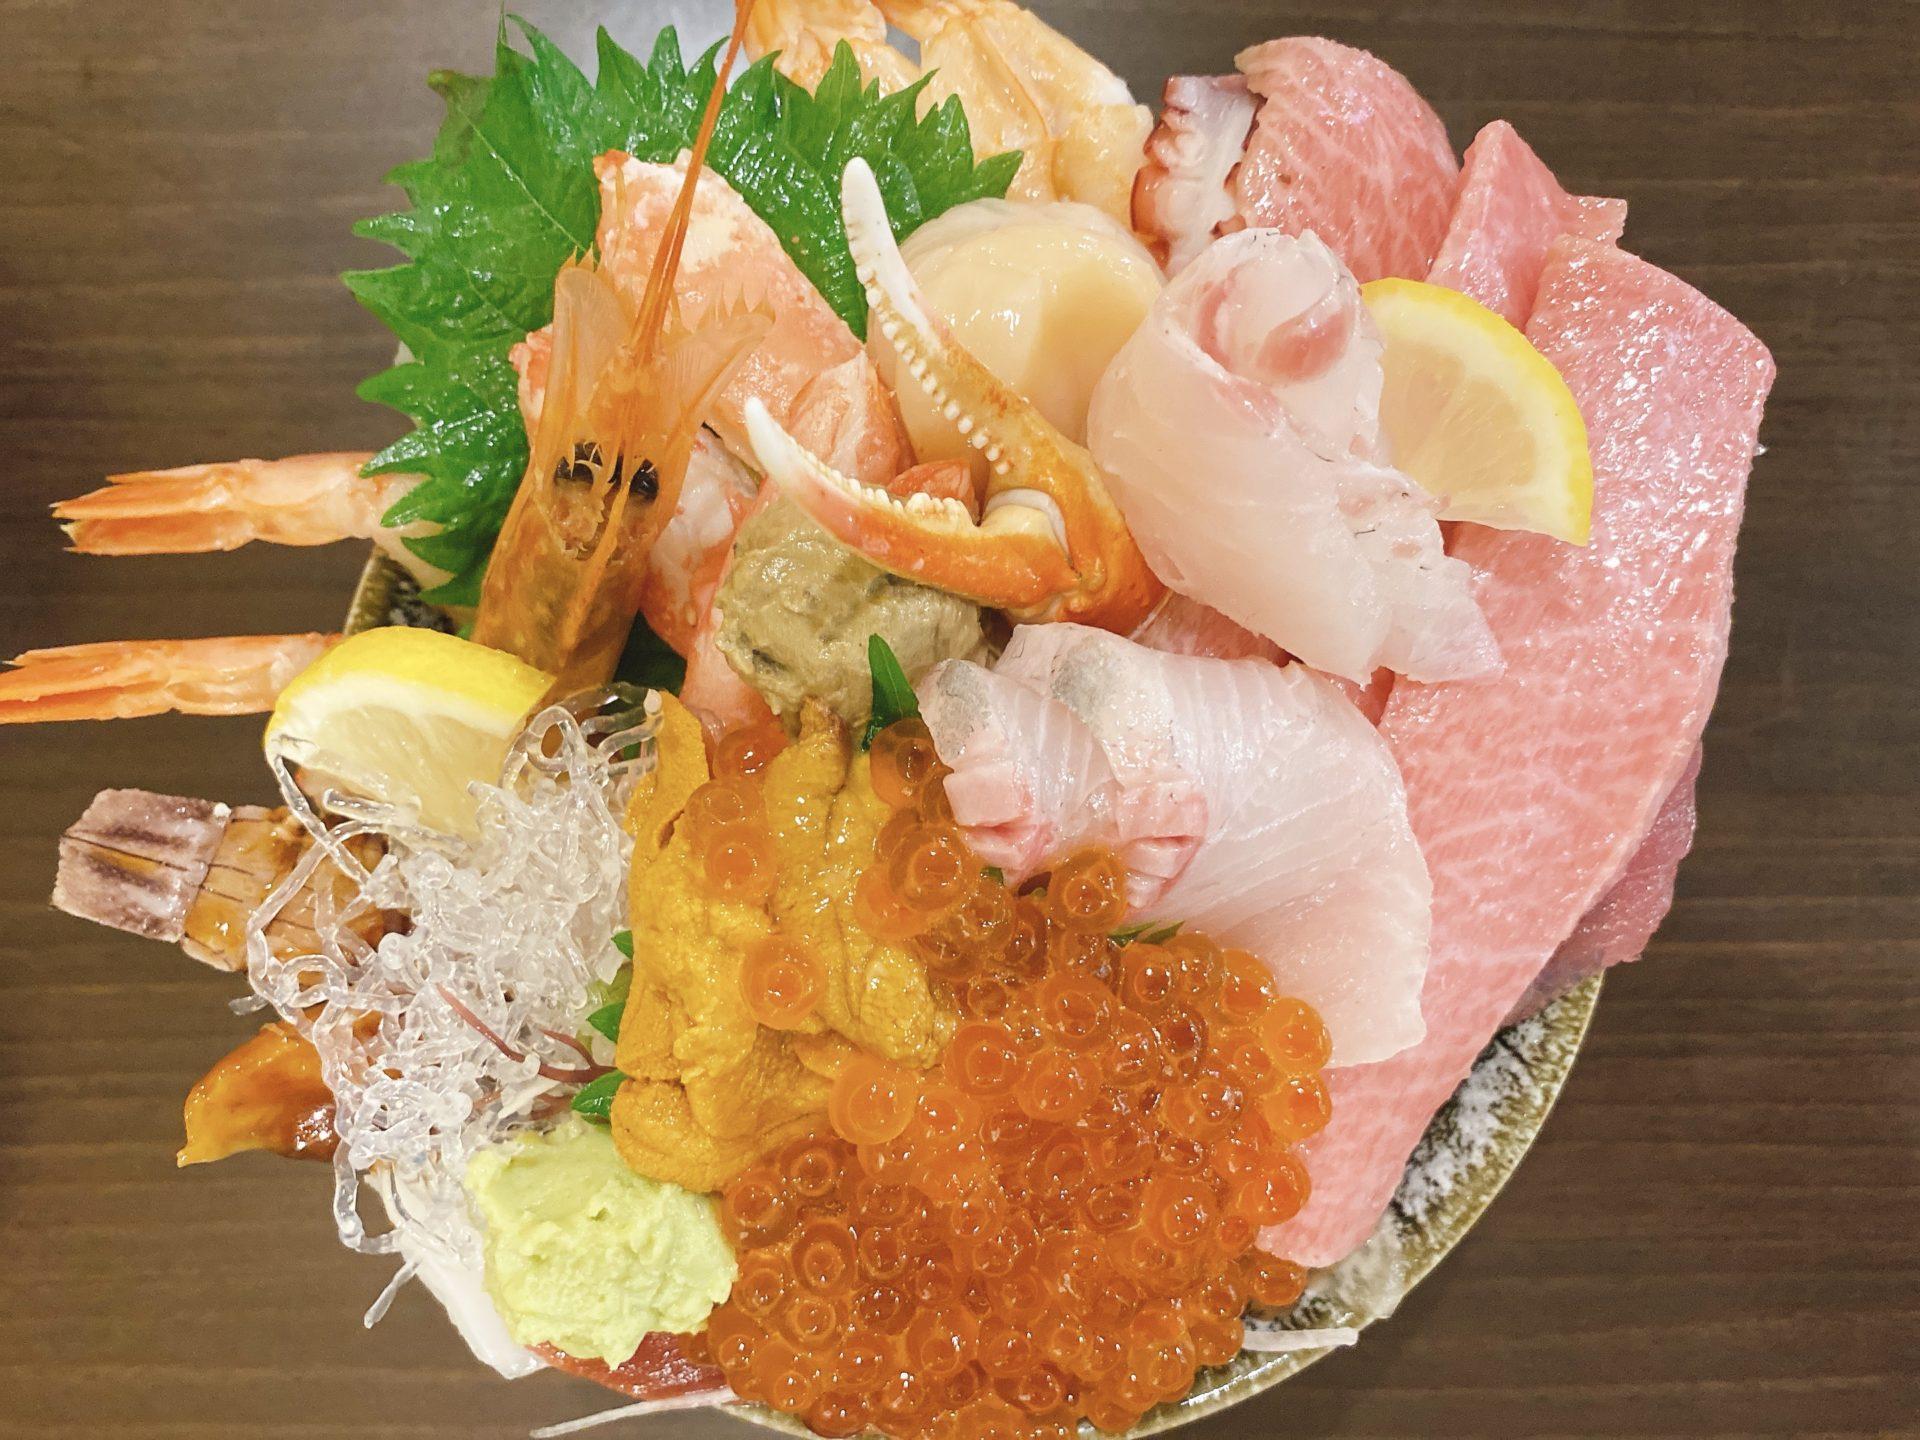 岡山市南区市場の行列のできるお店【味の匠 大名庵】のランチで頂いたのは、特上海鮮丼!大トロの存在感と極上のネタのオンパレードに歓喜!